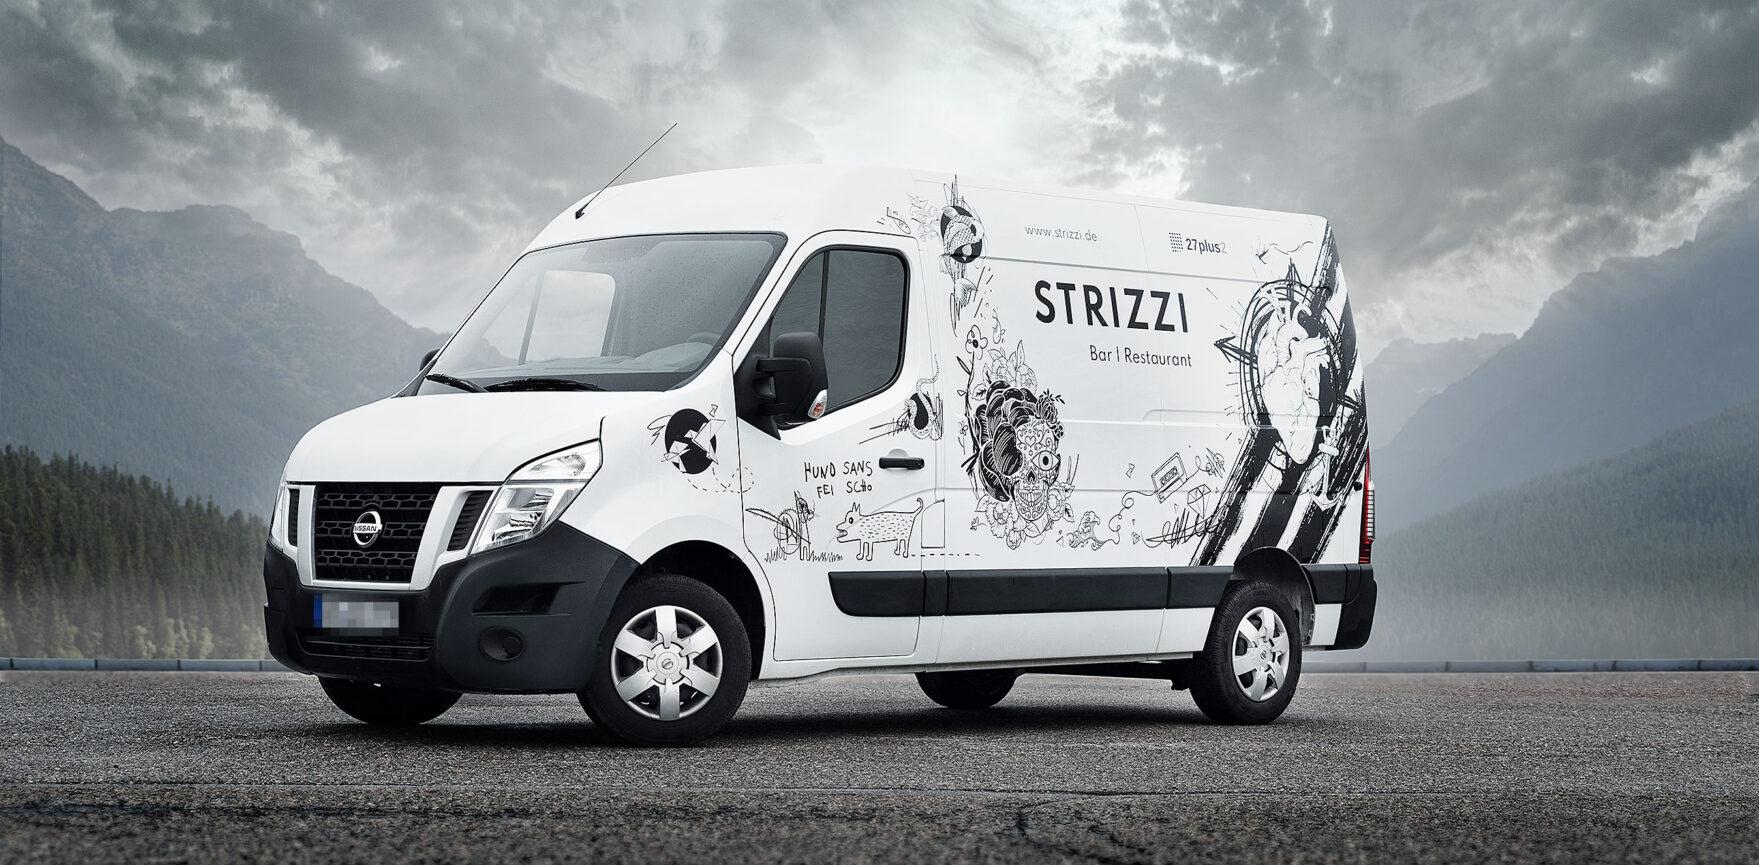 STRIZZI Fahrzeugbeklebung Transporter weiß Illustrationen vor Kulisse